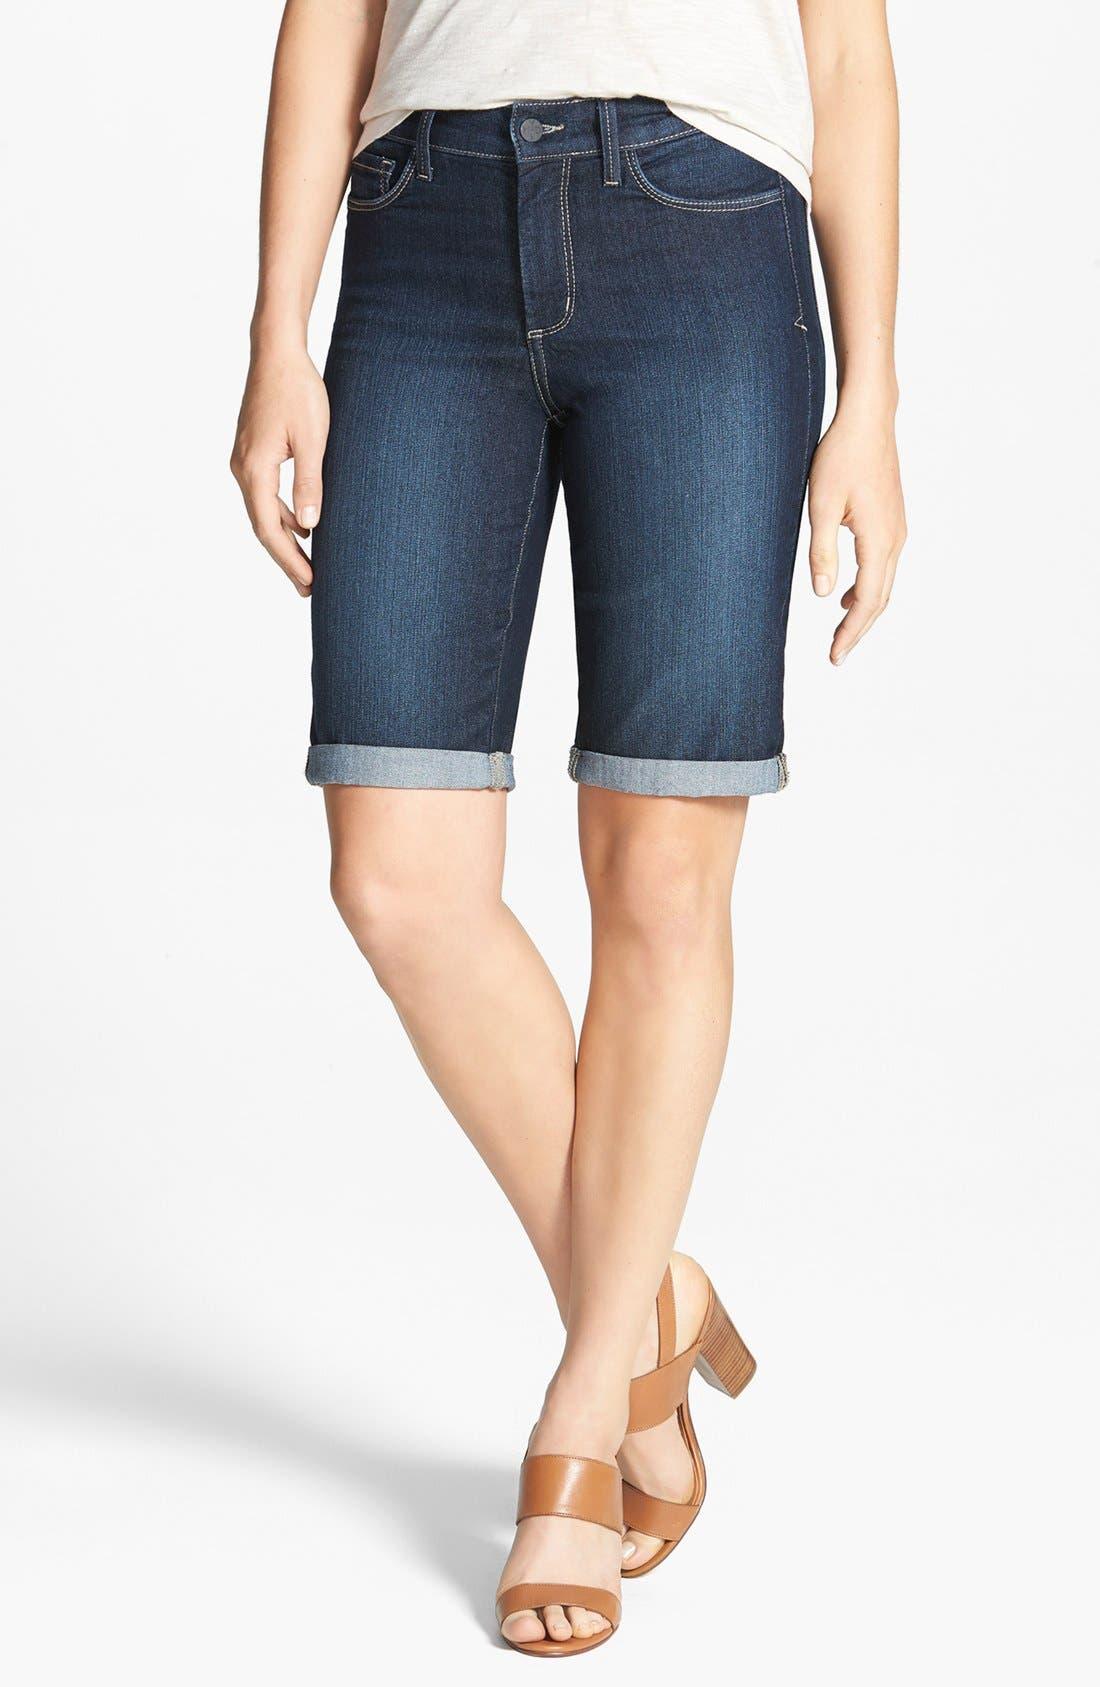 Main Image - NYDJ 'Briella' Cuff Stretch Denim Shorts (Regular & Petite)